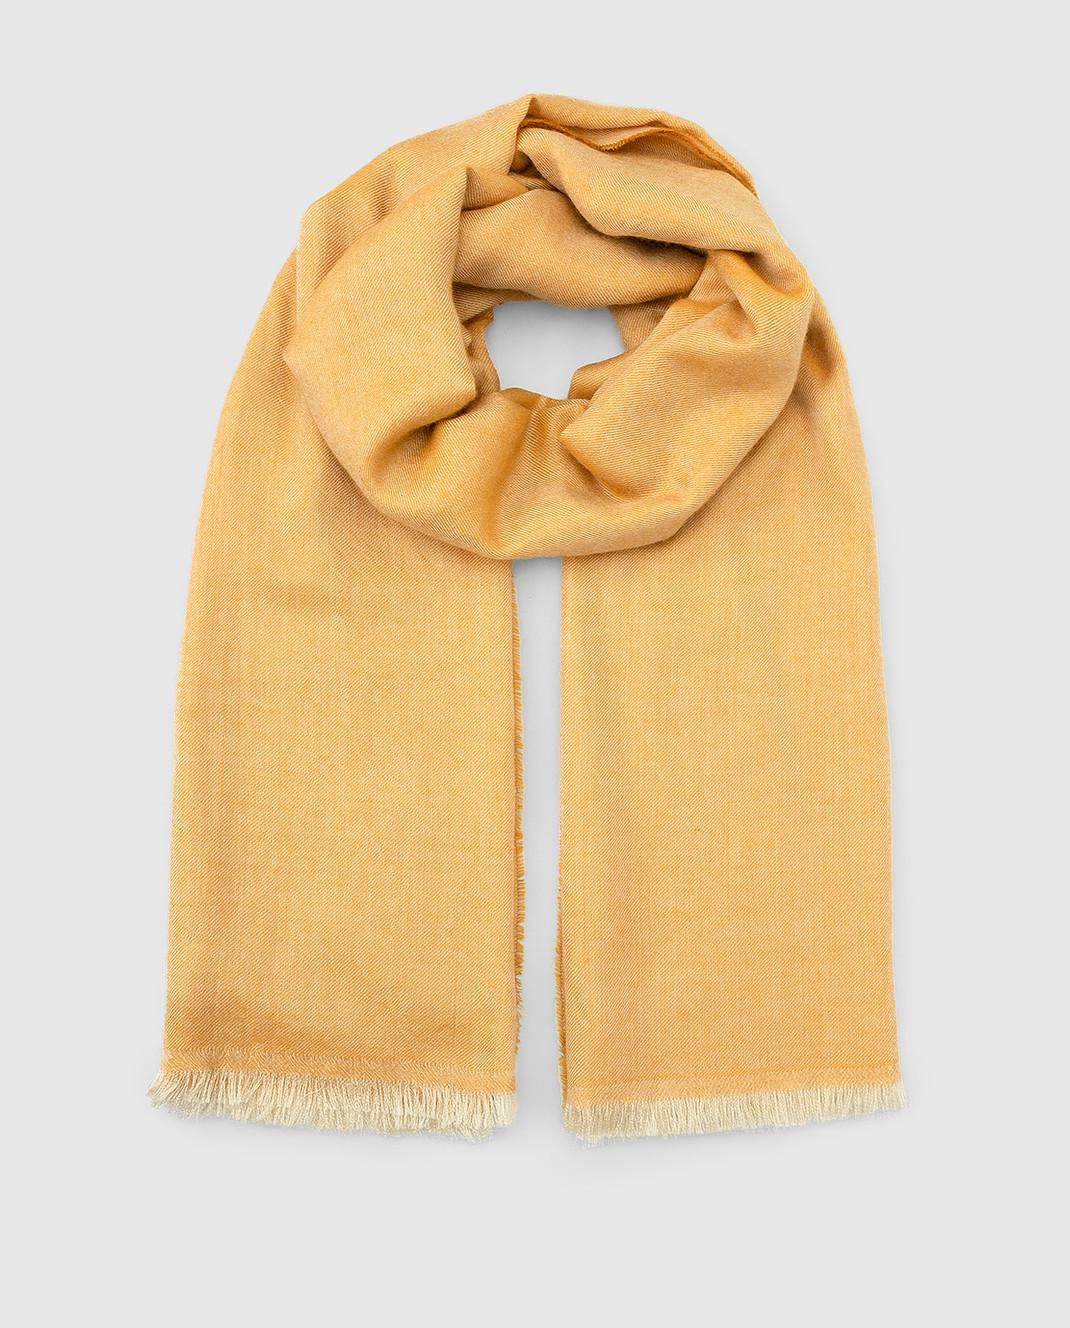 Bertolo Cashmere Желтый шарф из кашемира и шелка 000238